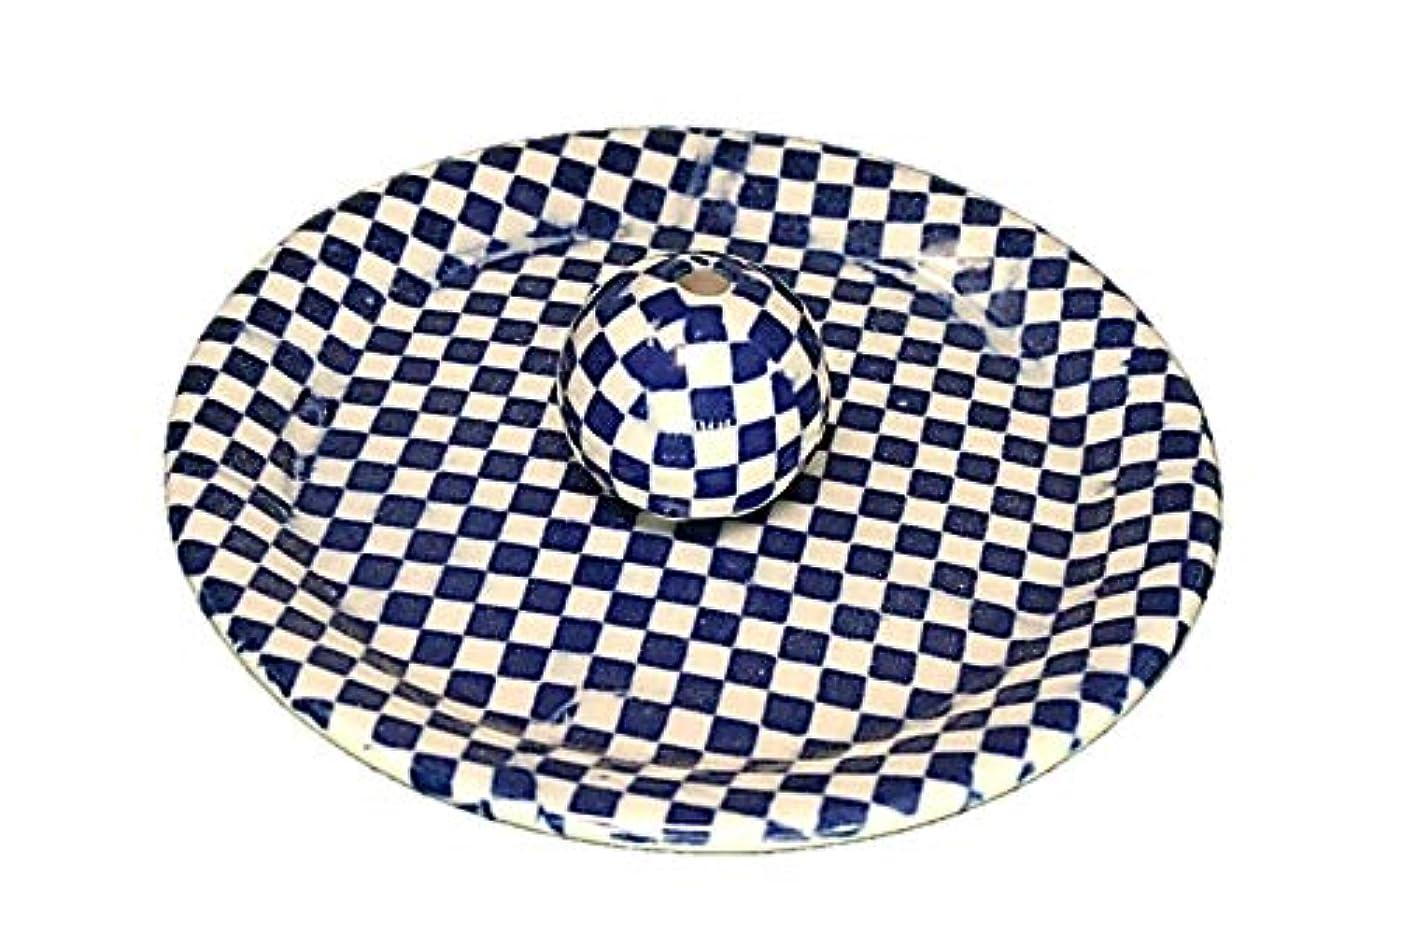 荒廃する感心するレーザ9-55 市松 青 9cm香皿 お香立て お香たて 陶器 日本製 製造?直売品